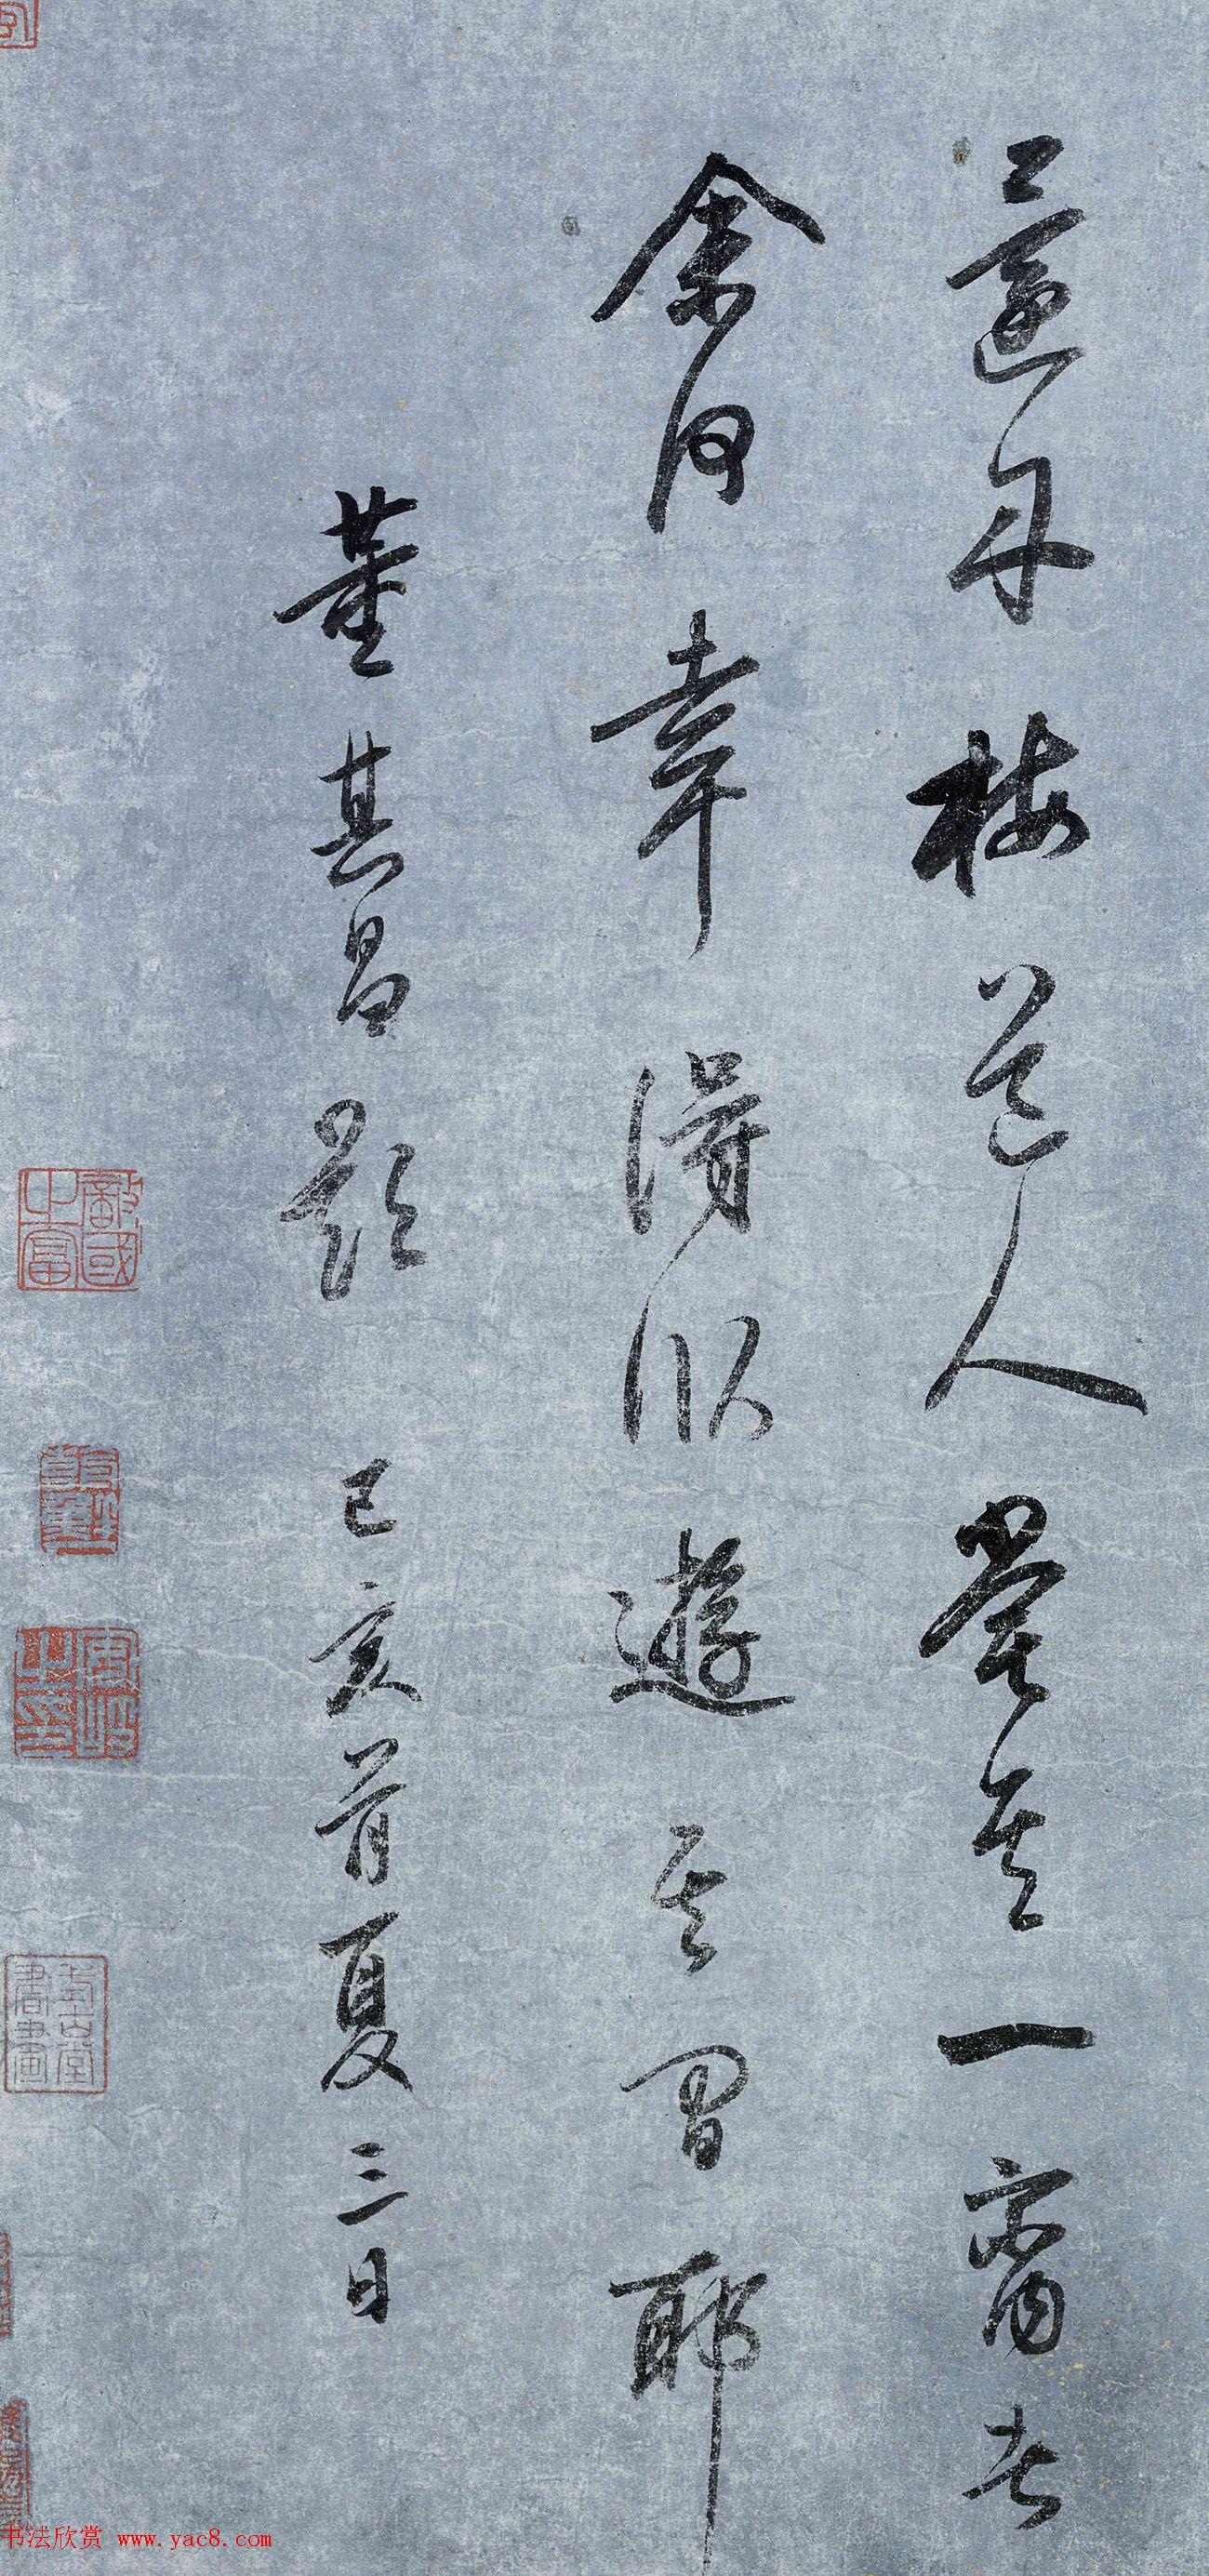 董其昌书法题跋董源潇湘图卷